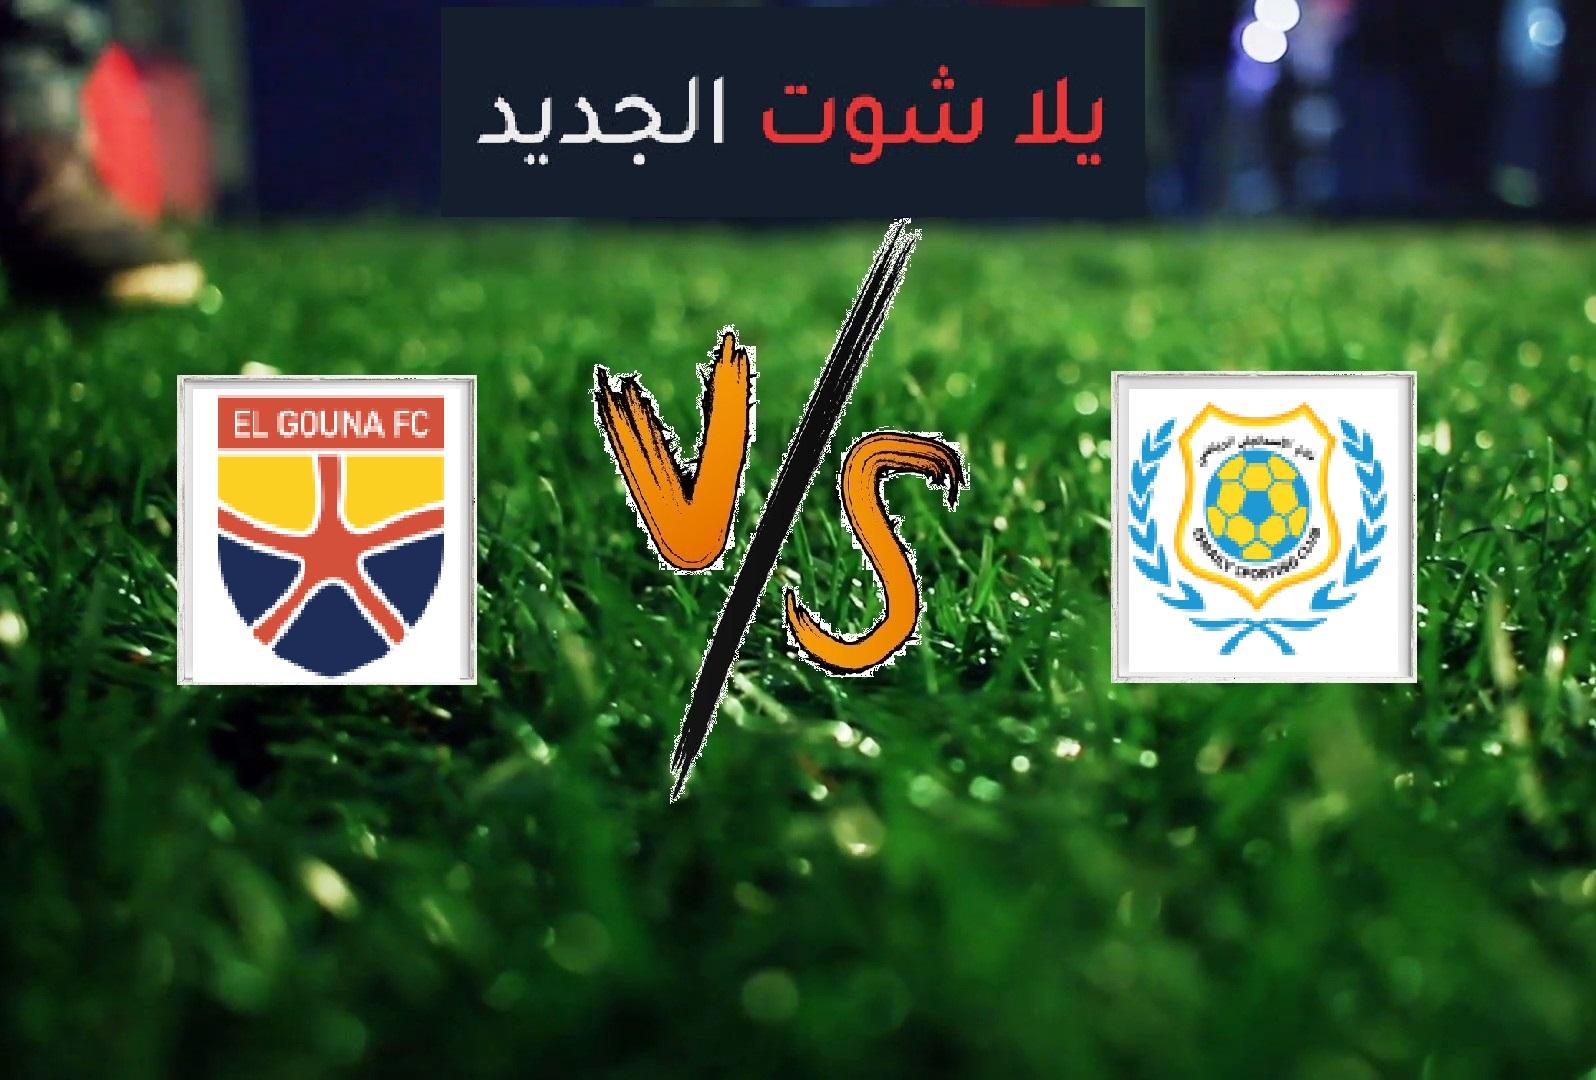 نتيجة مباراة الاسماعيلي والجونة بتاريخ 09-03-2020 الدوري المصري